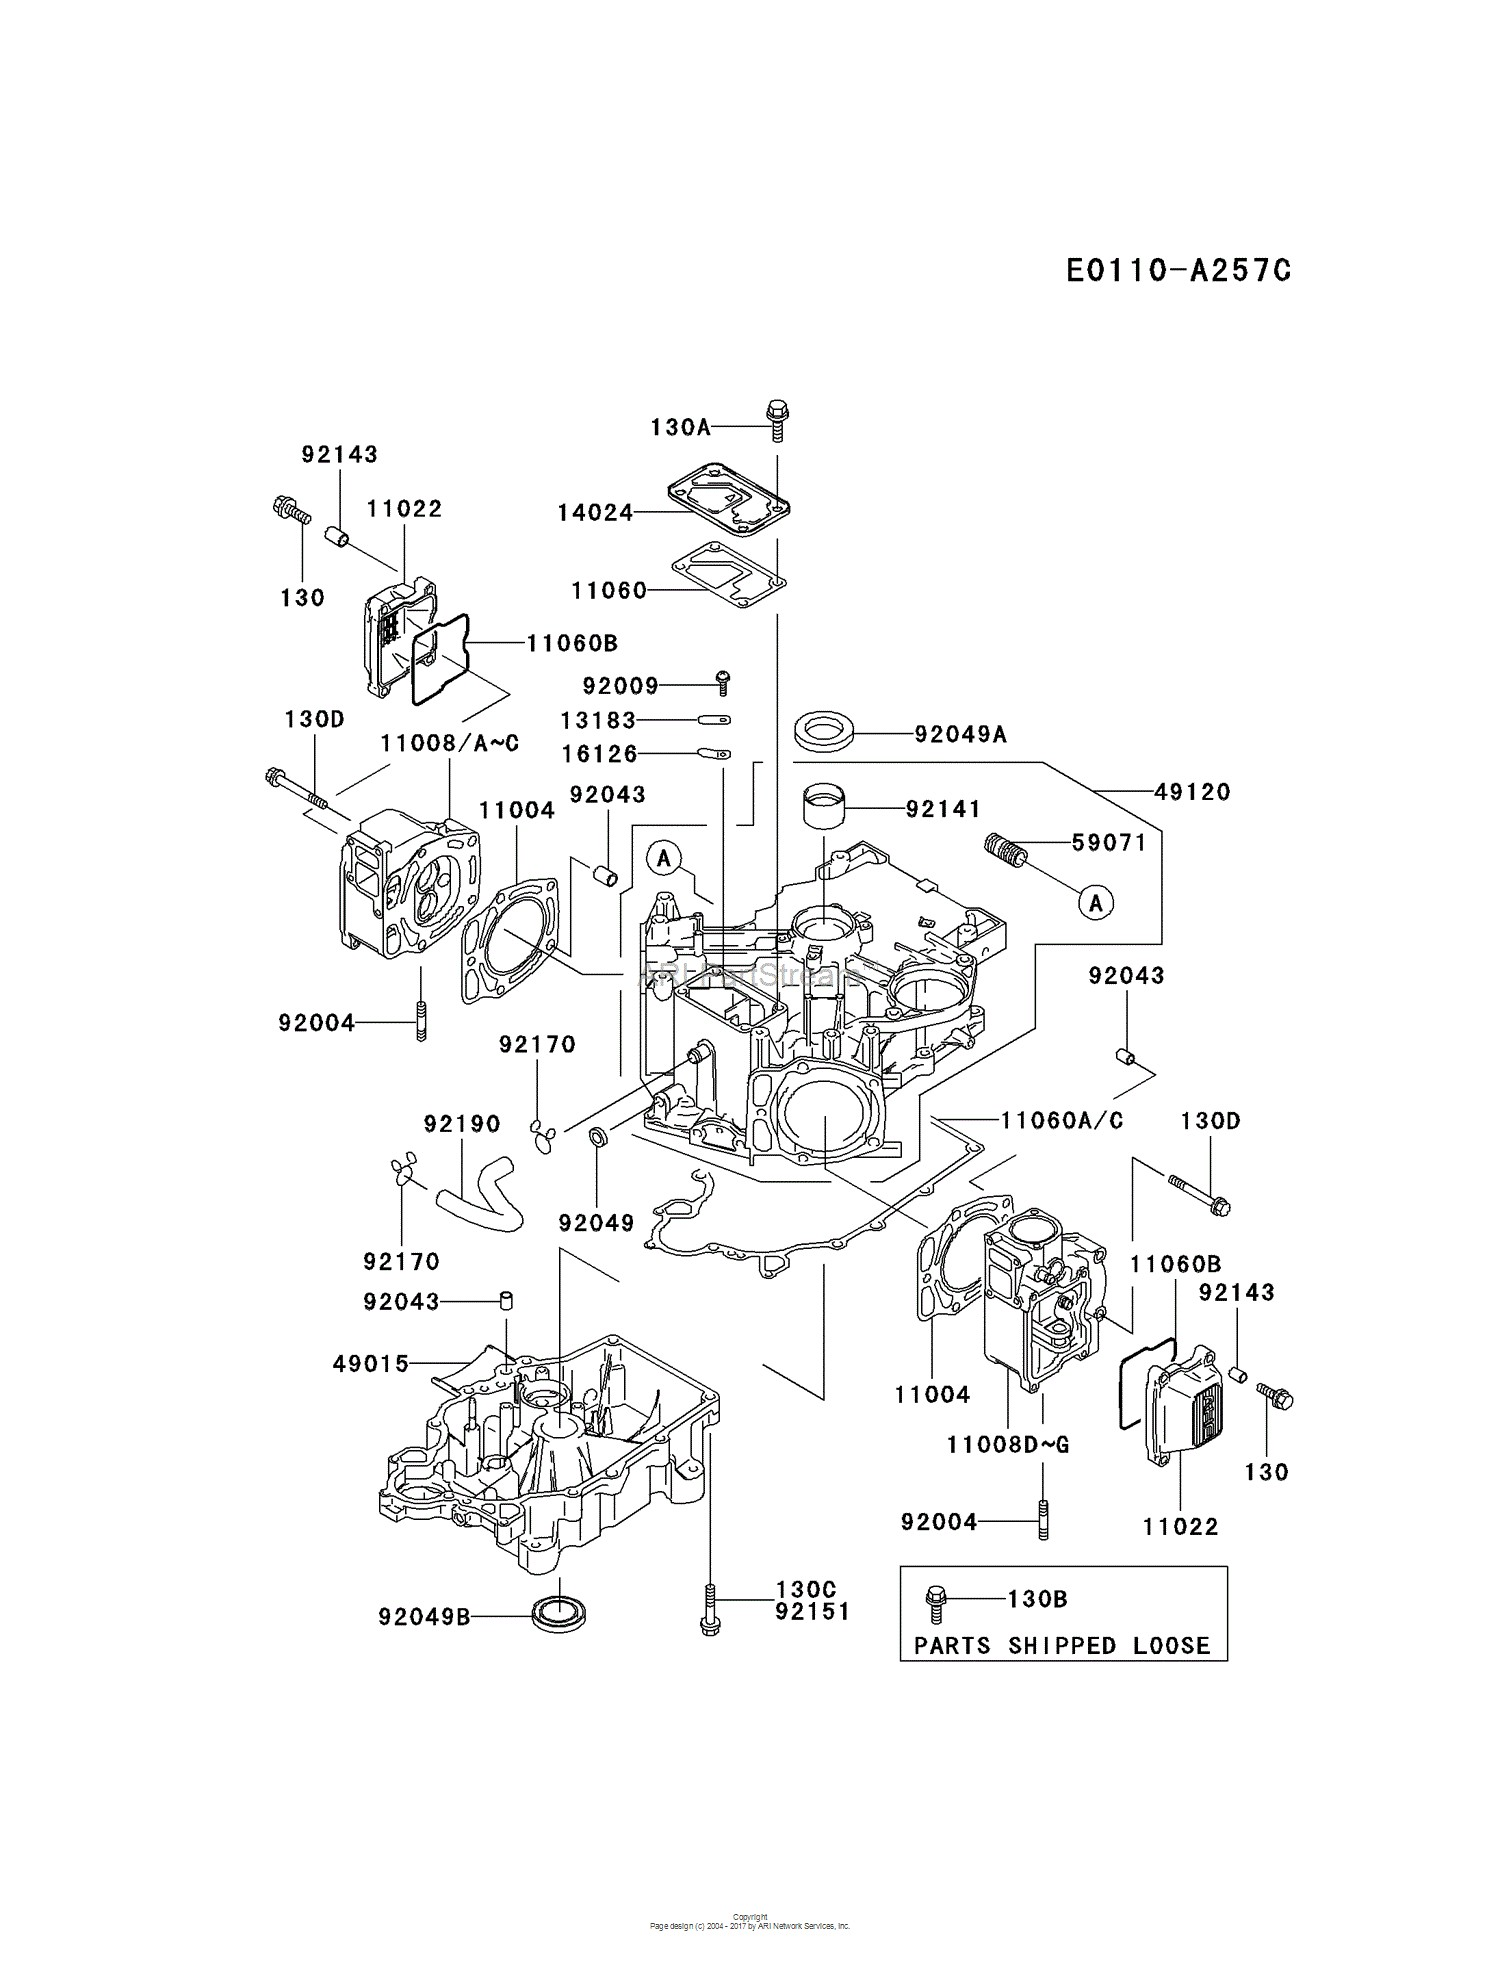 4stroke engine diagram kawasaki fb460v gs01 4 stroke